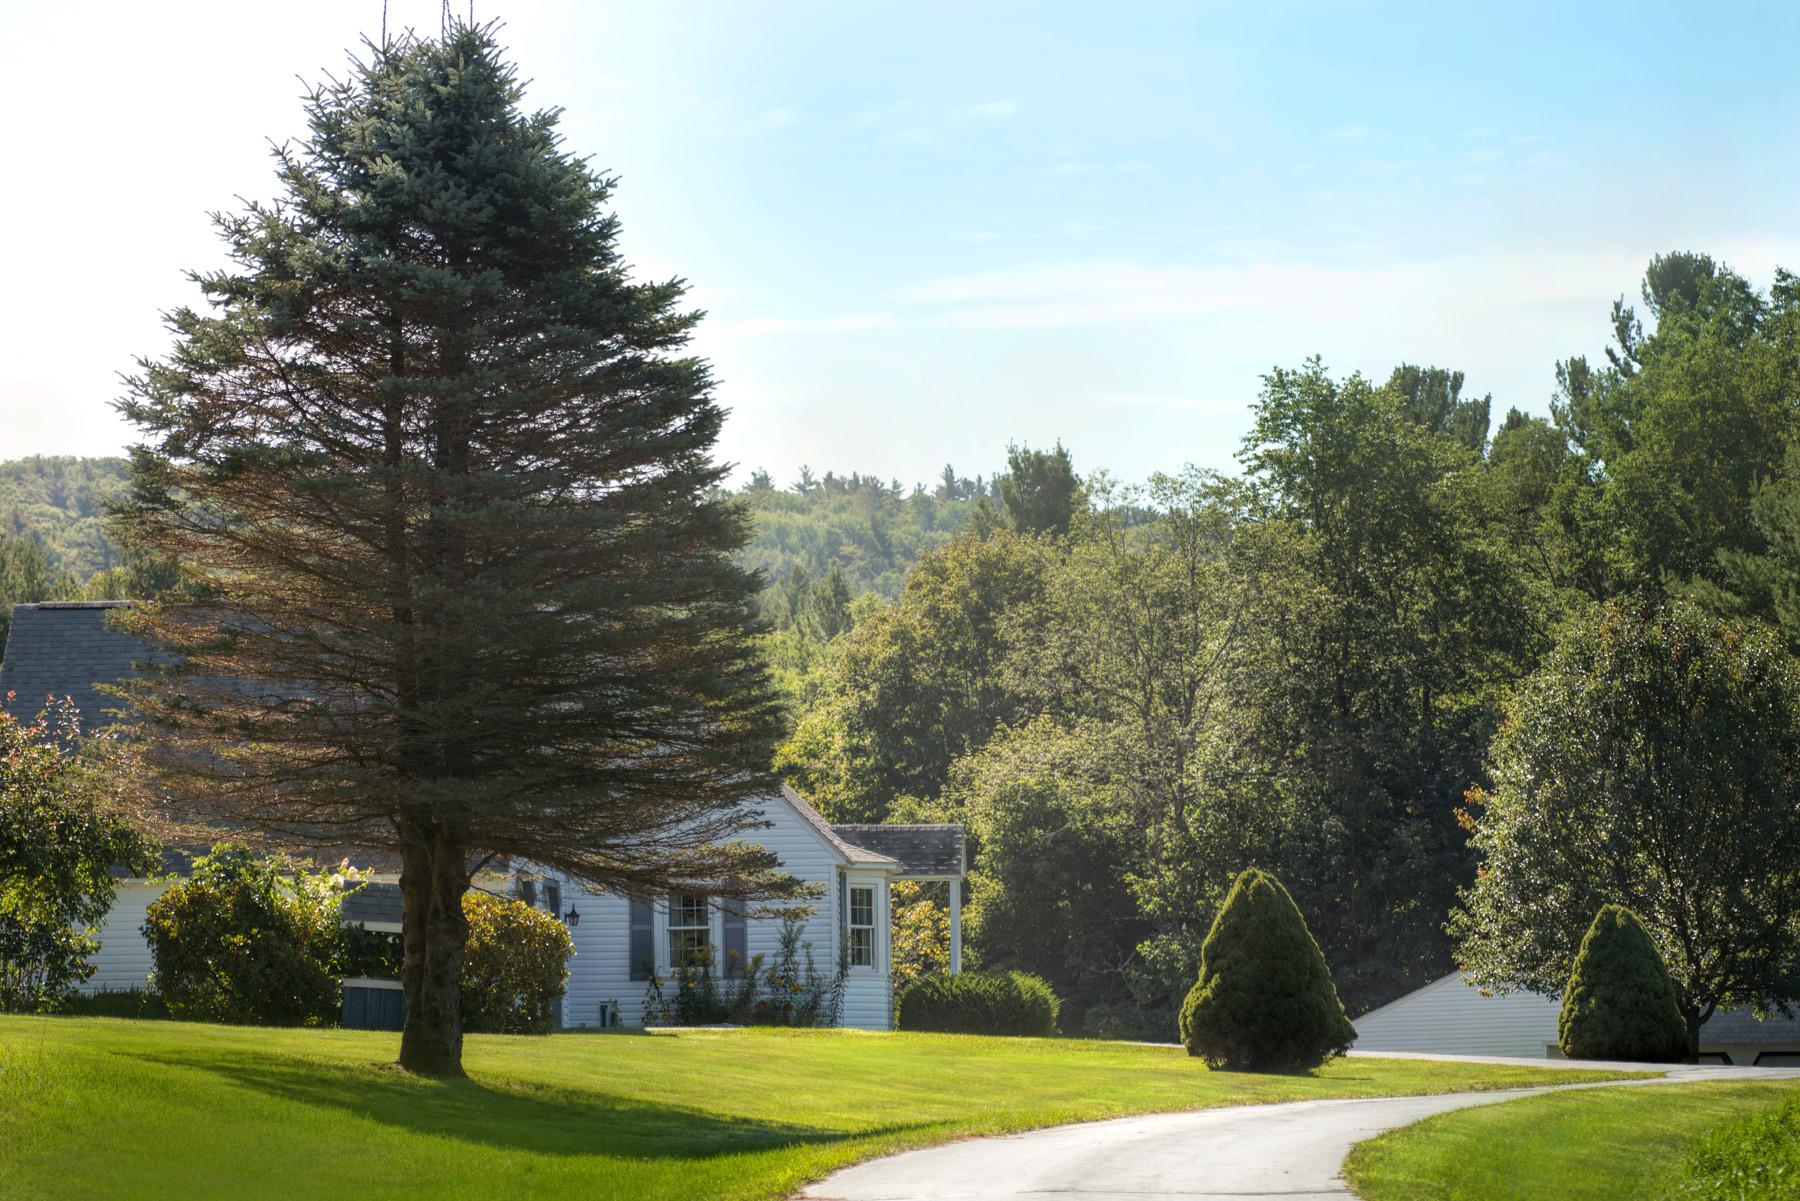 Maison unifamiliale pour l Vente à Outstanding 140+ Acre Property, with picturesque 2,379 SF Cape. 540 Main Rd Monterey, Massachusetts 01245 États-Unis